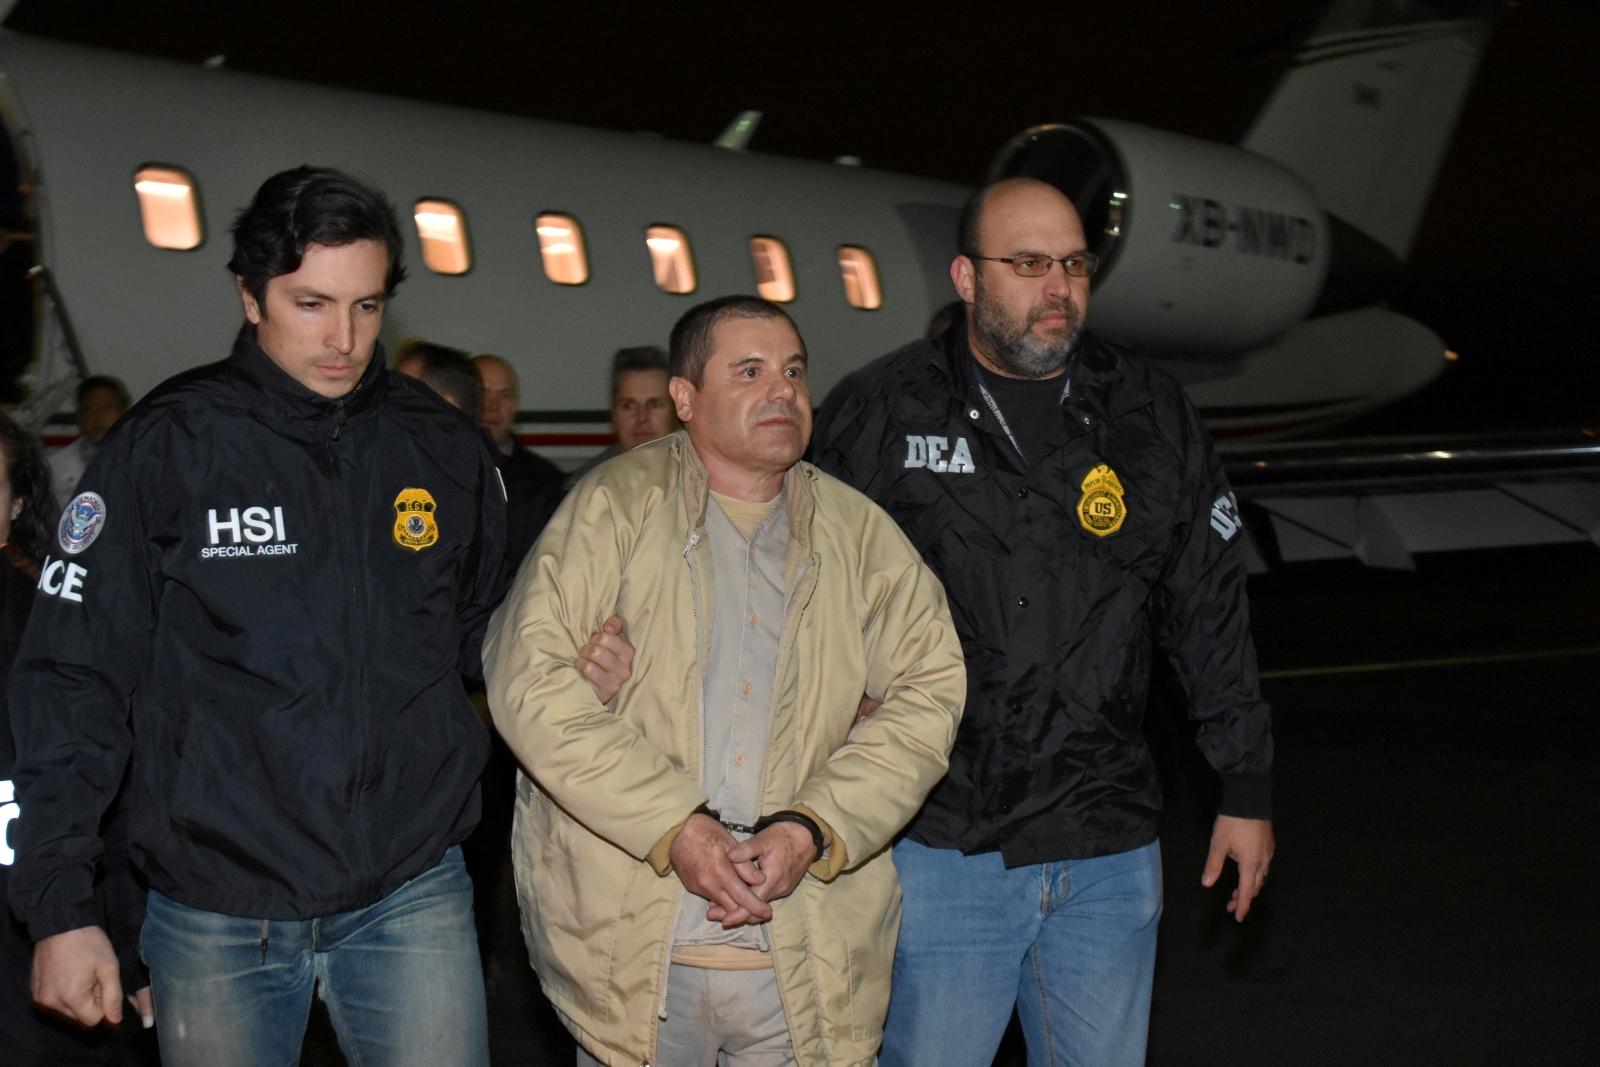 el chapo extradition